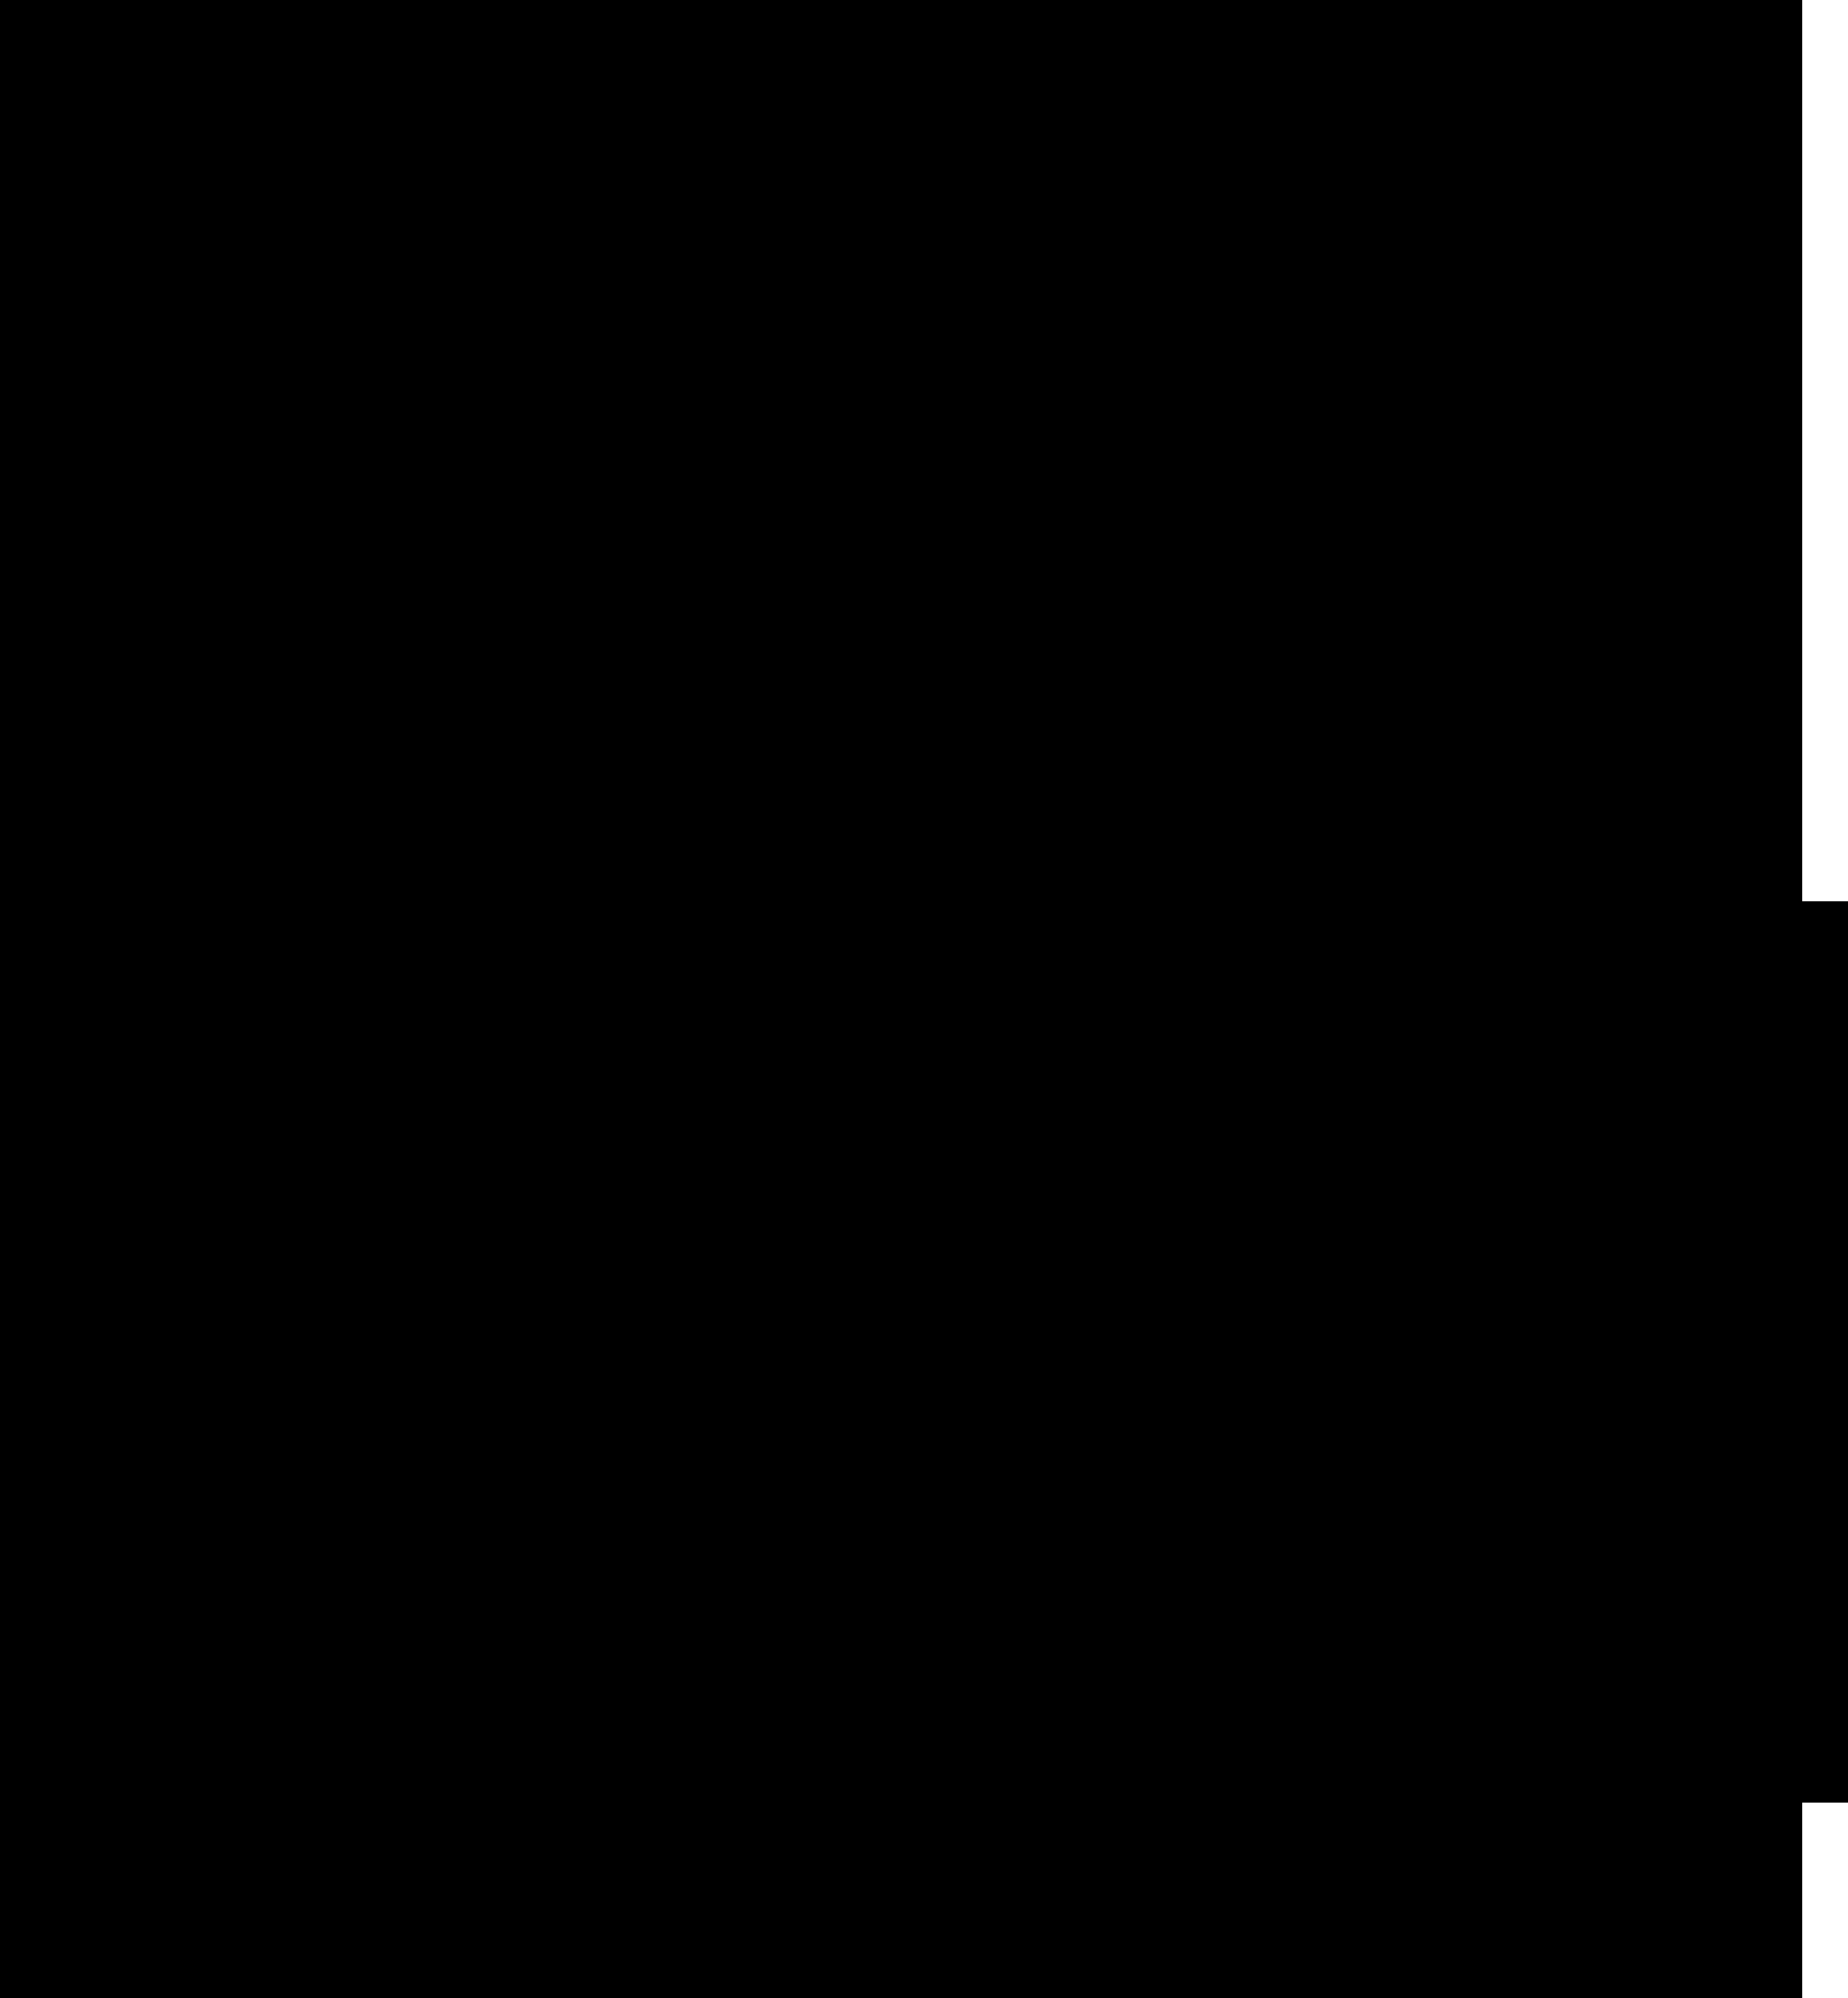 RTSB-Logo-final-transparent-bg - Tony Santa Ana.png